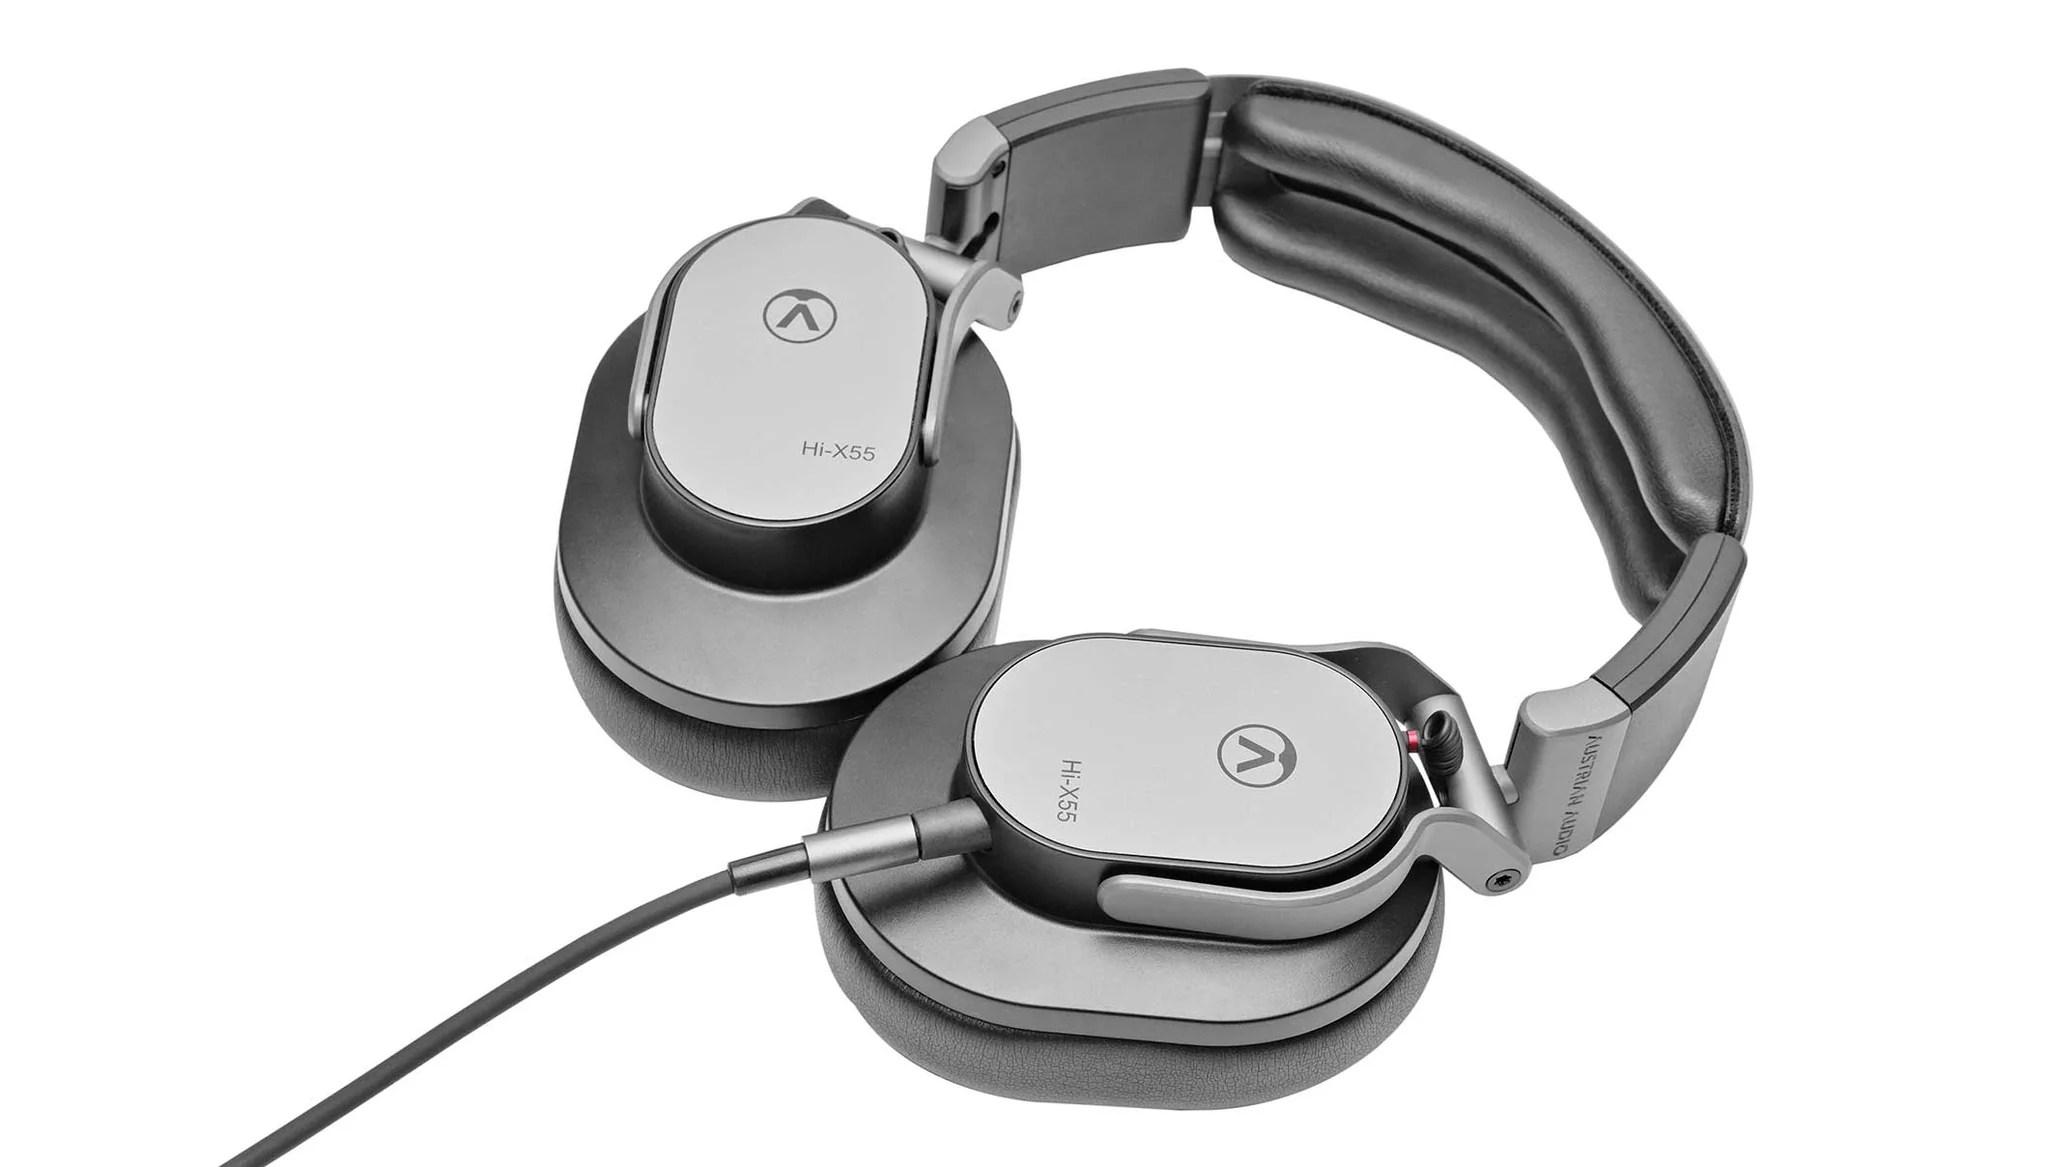 (預售產品 Pre-order) Austrian Audio Hi-X55 Professional Over-Ear Headphone – Tom Lee Online Shop